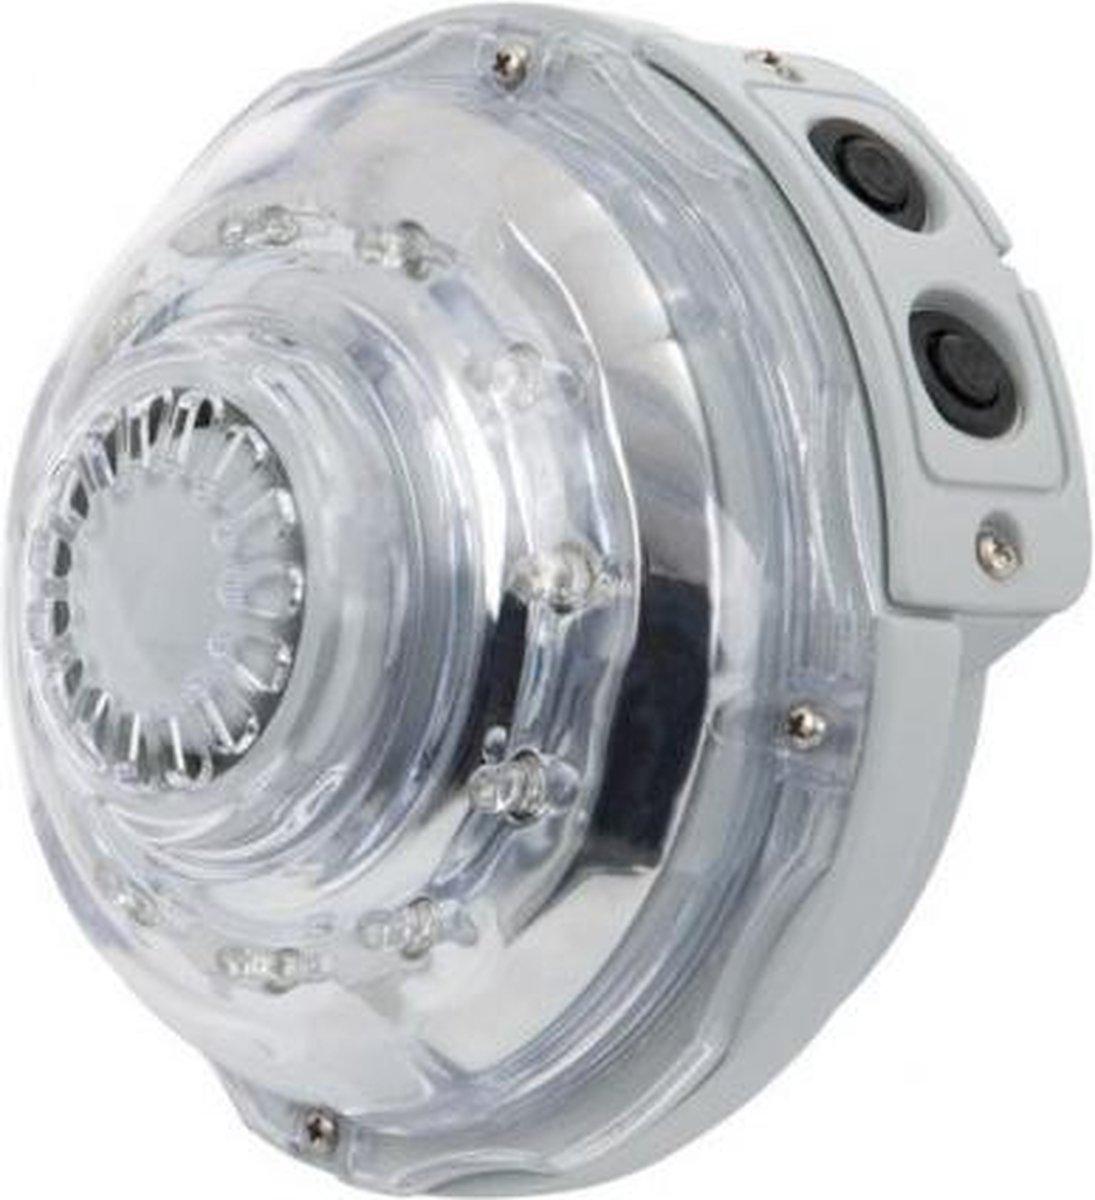 Kleurrijke LED-overlay voor INTEX Jacuzzi-sproeiers